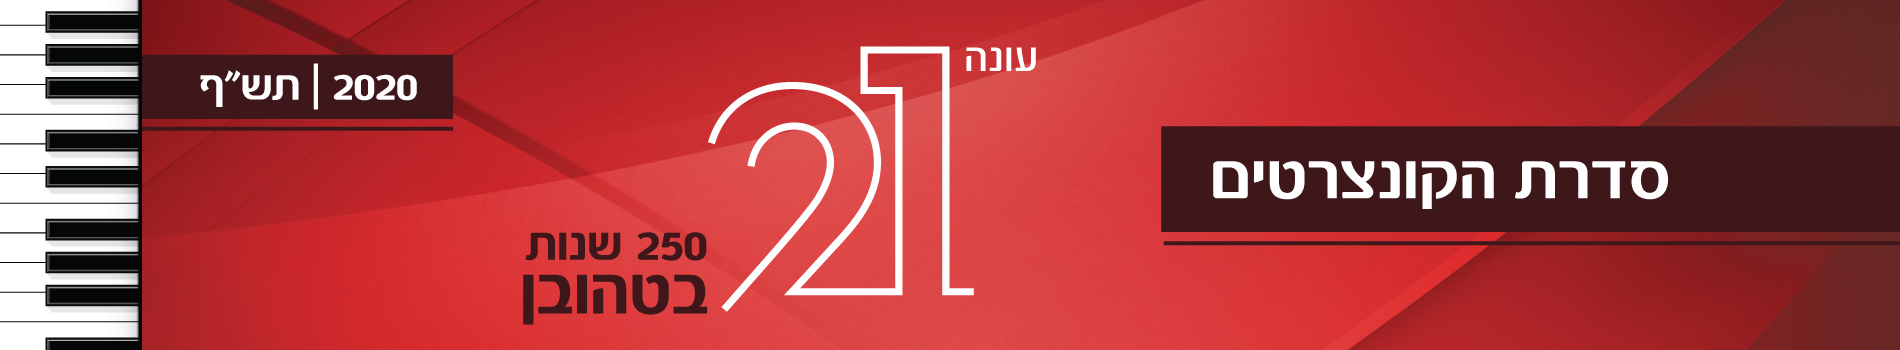 250 להולדתו של בטהובן #5 - בשלושה ובשבעה